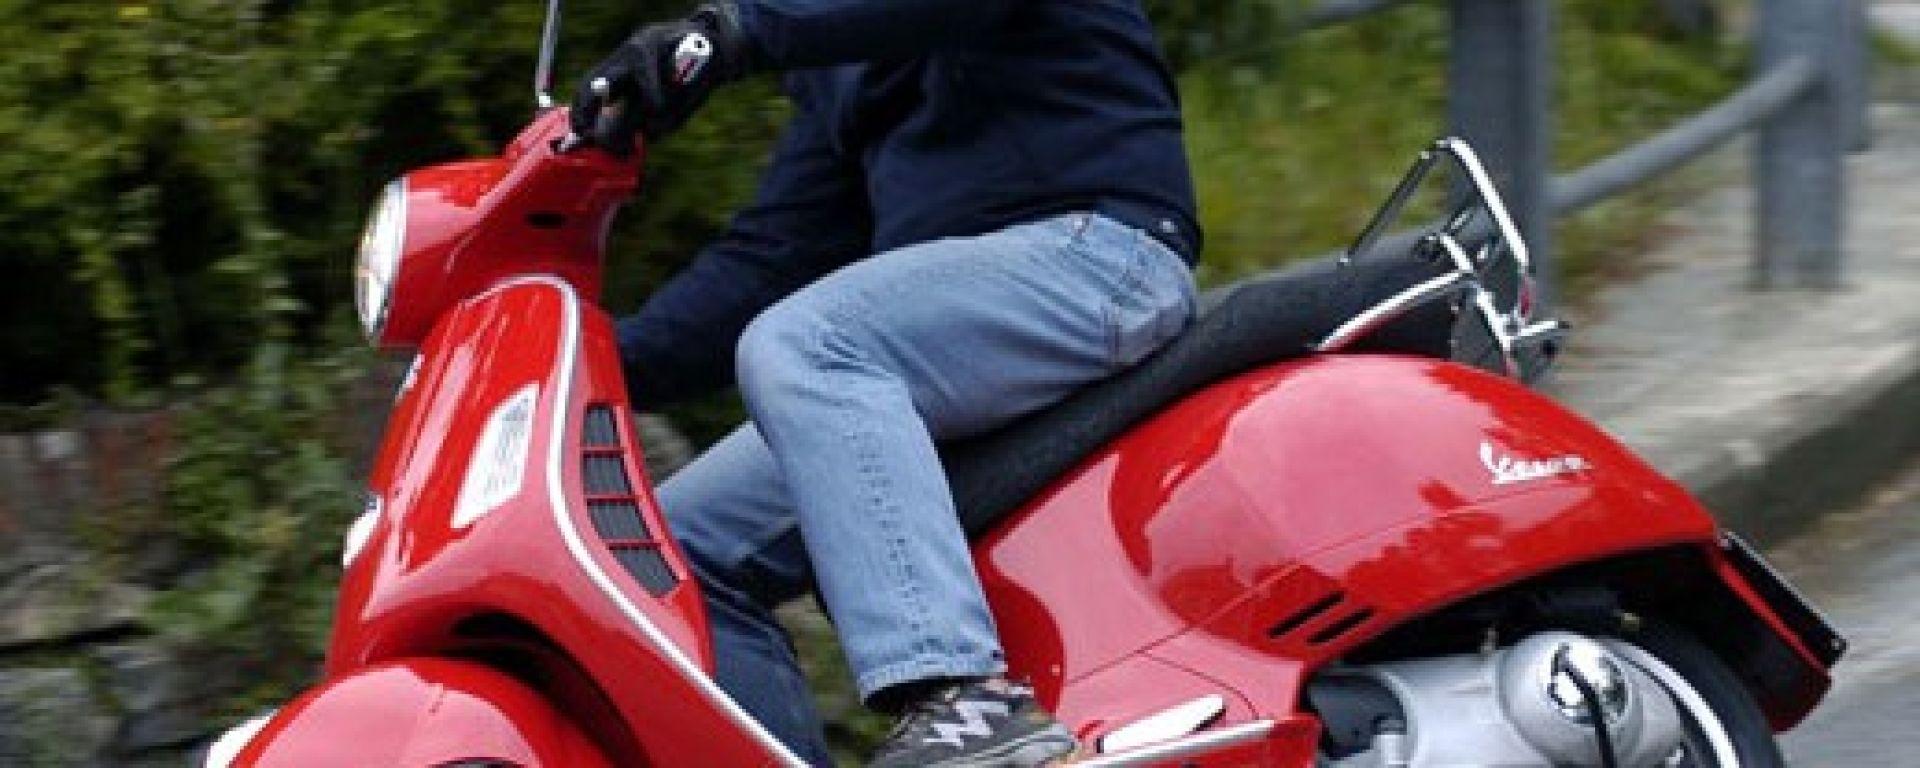 Schema Elettrico X9 250 : Prova piaggio vespa gts motorbox